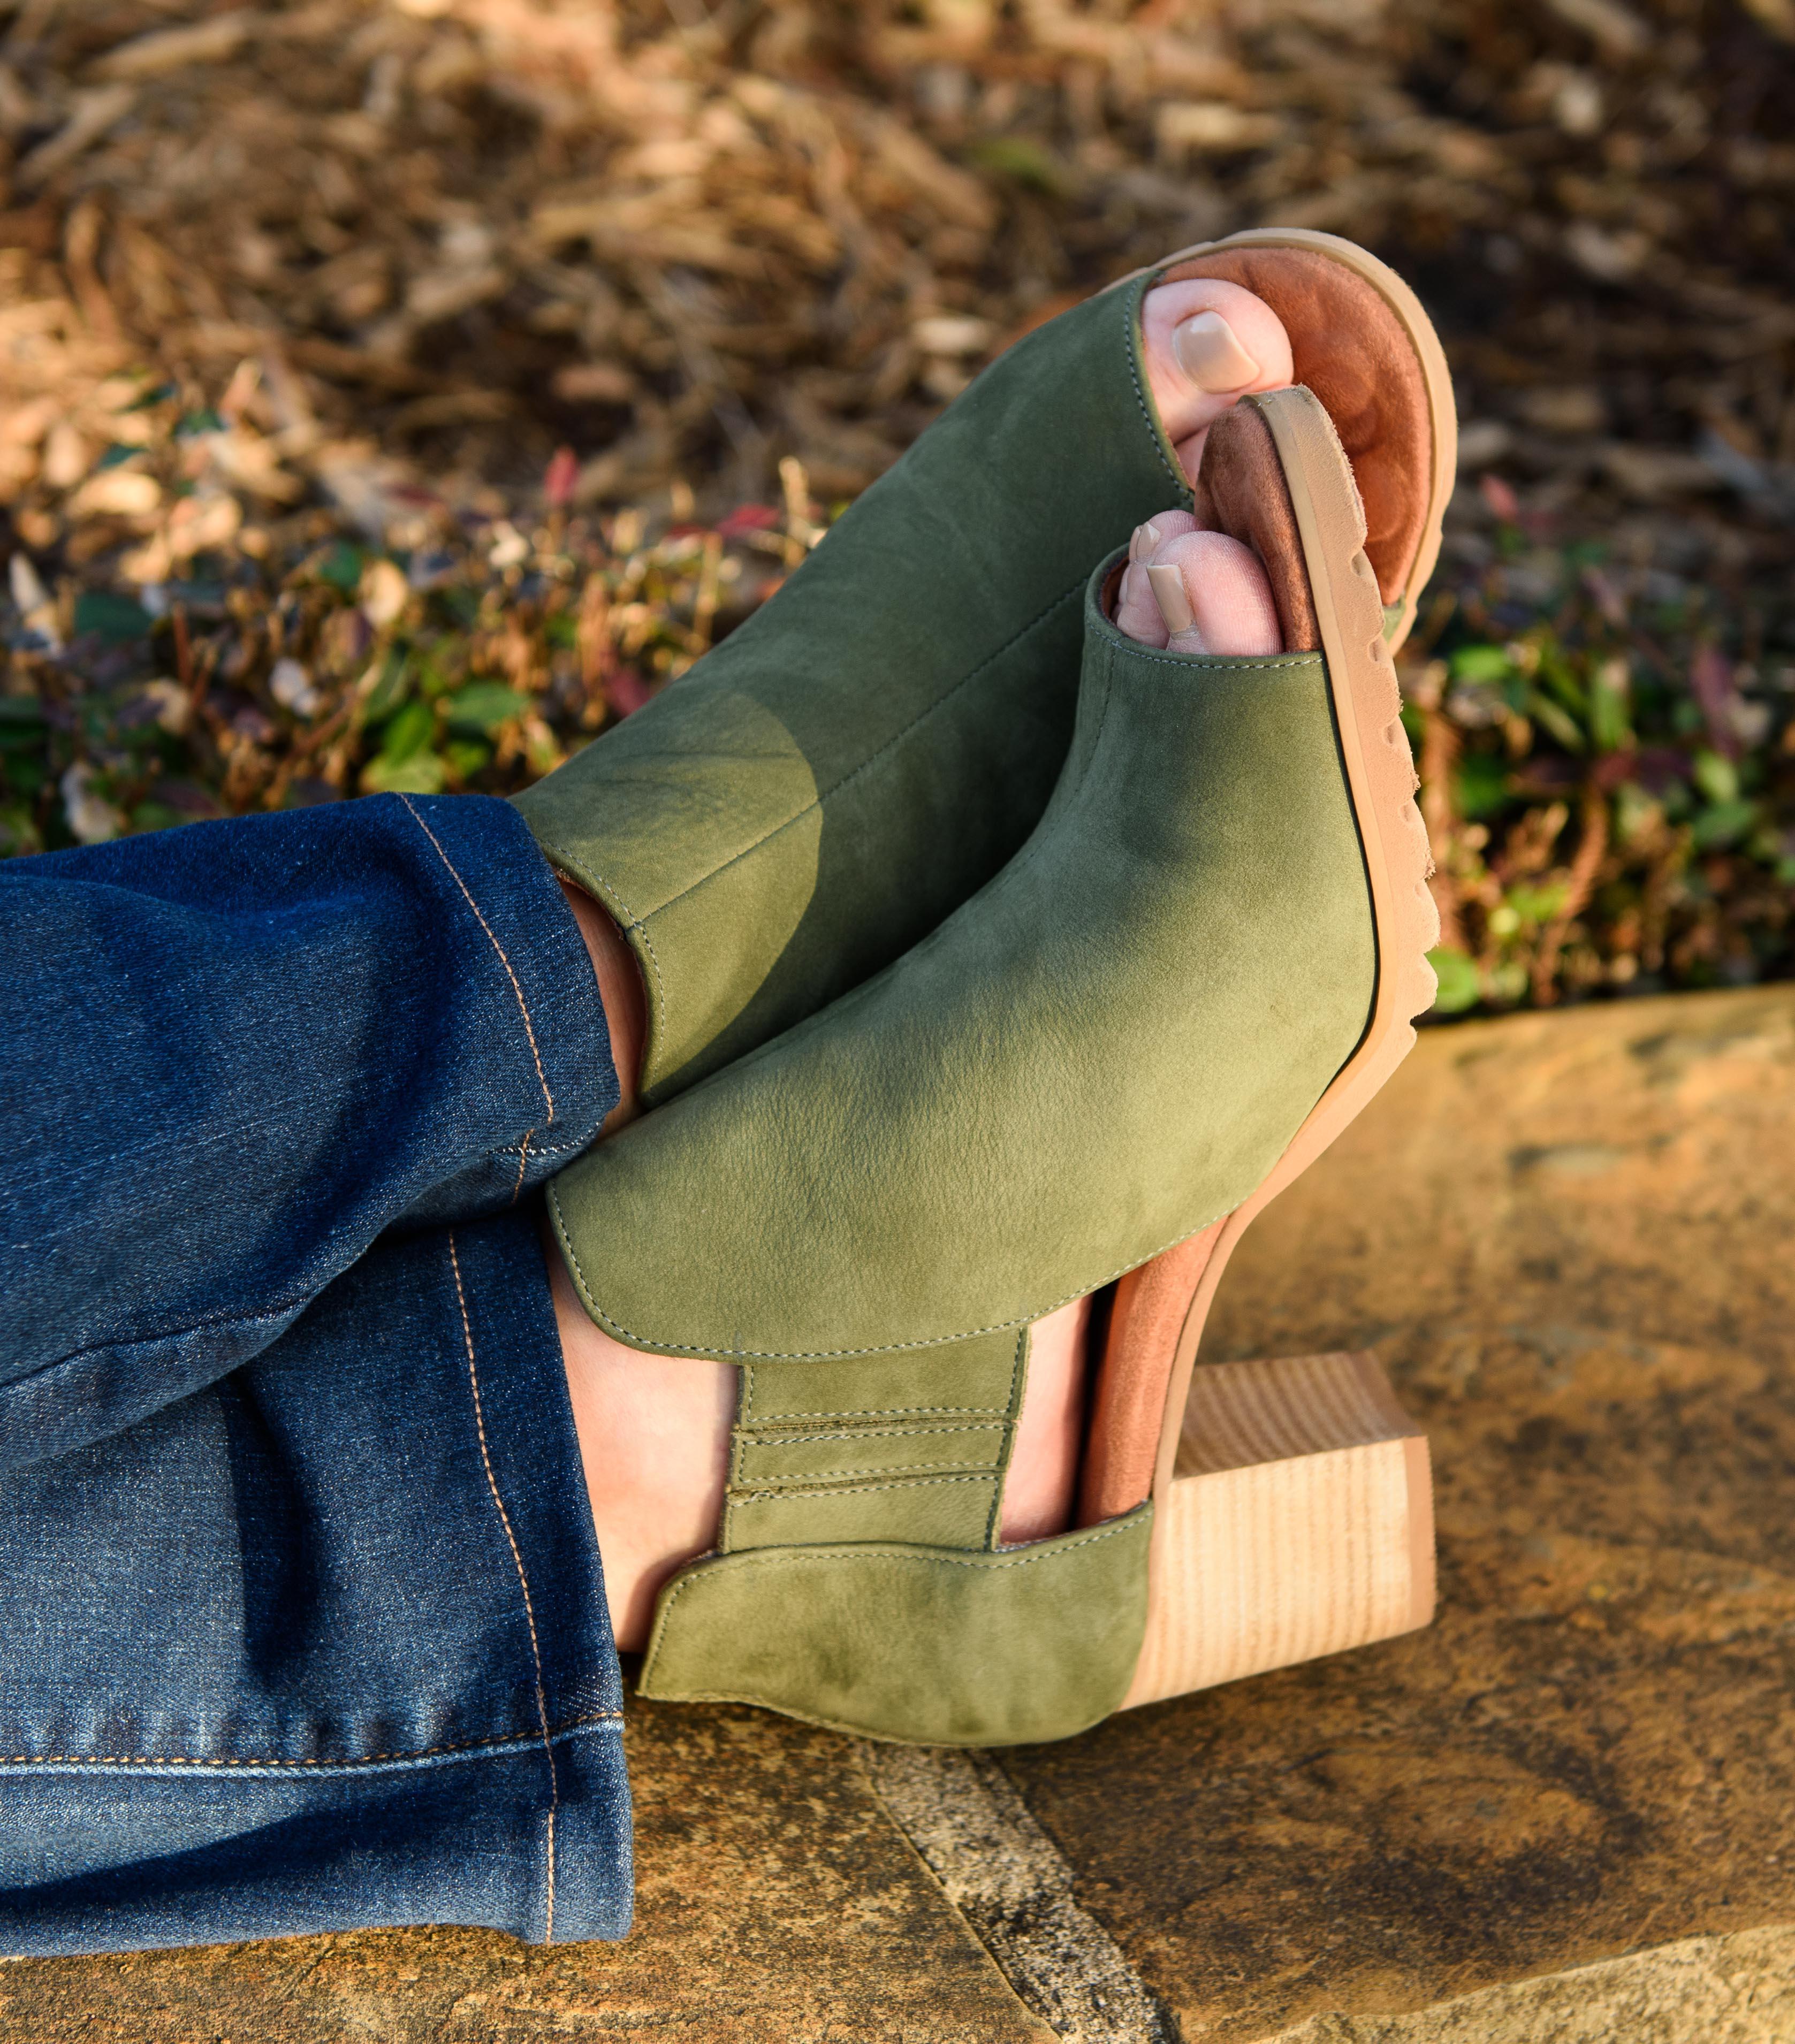 booties for smartertravel boots fall hero comfortable walking comforter best